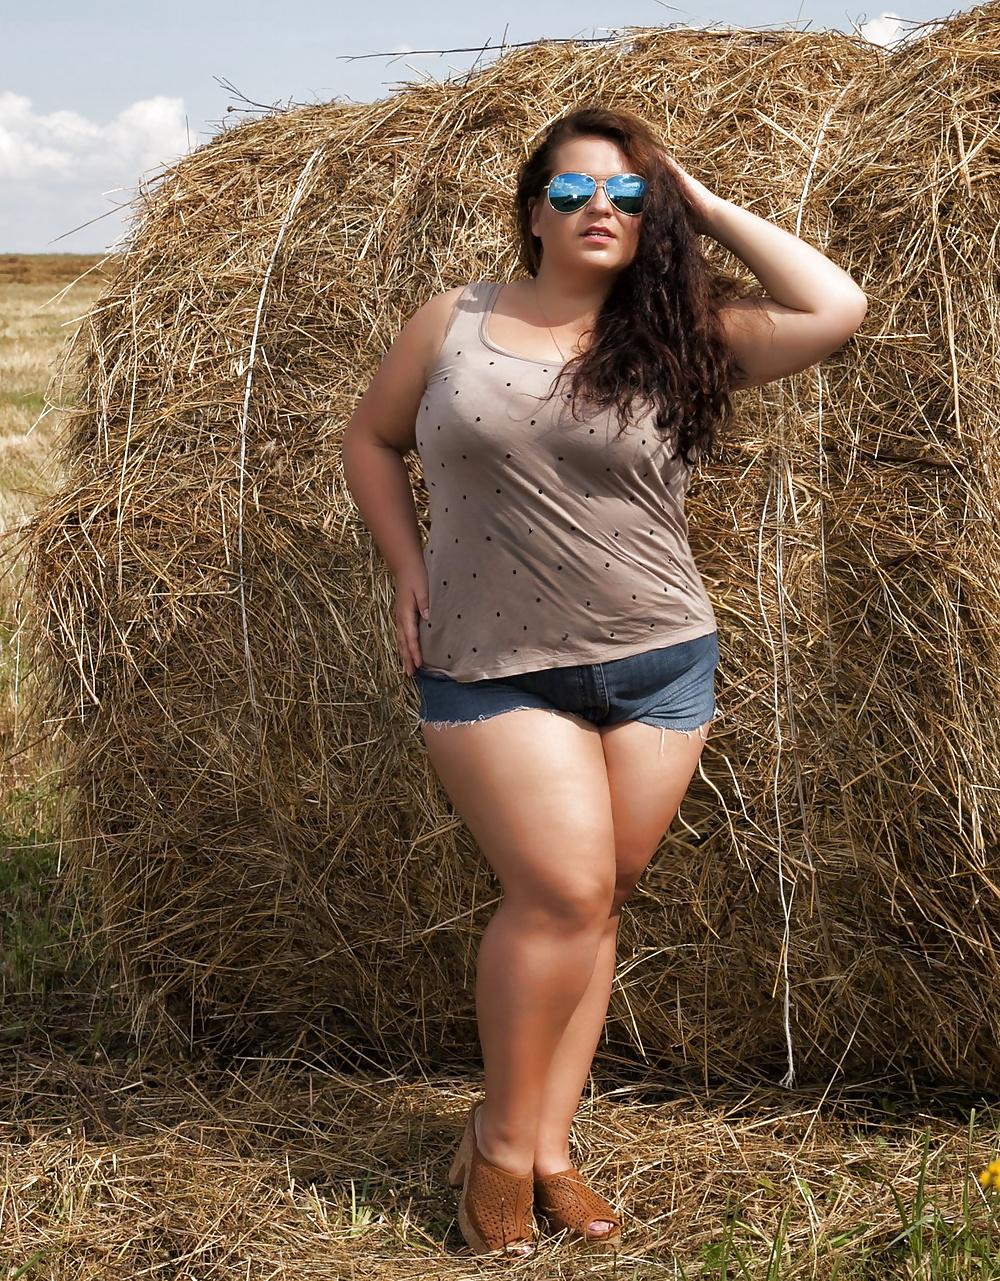 фото с телефона деревенских толстушек главные интересные достопримечательности